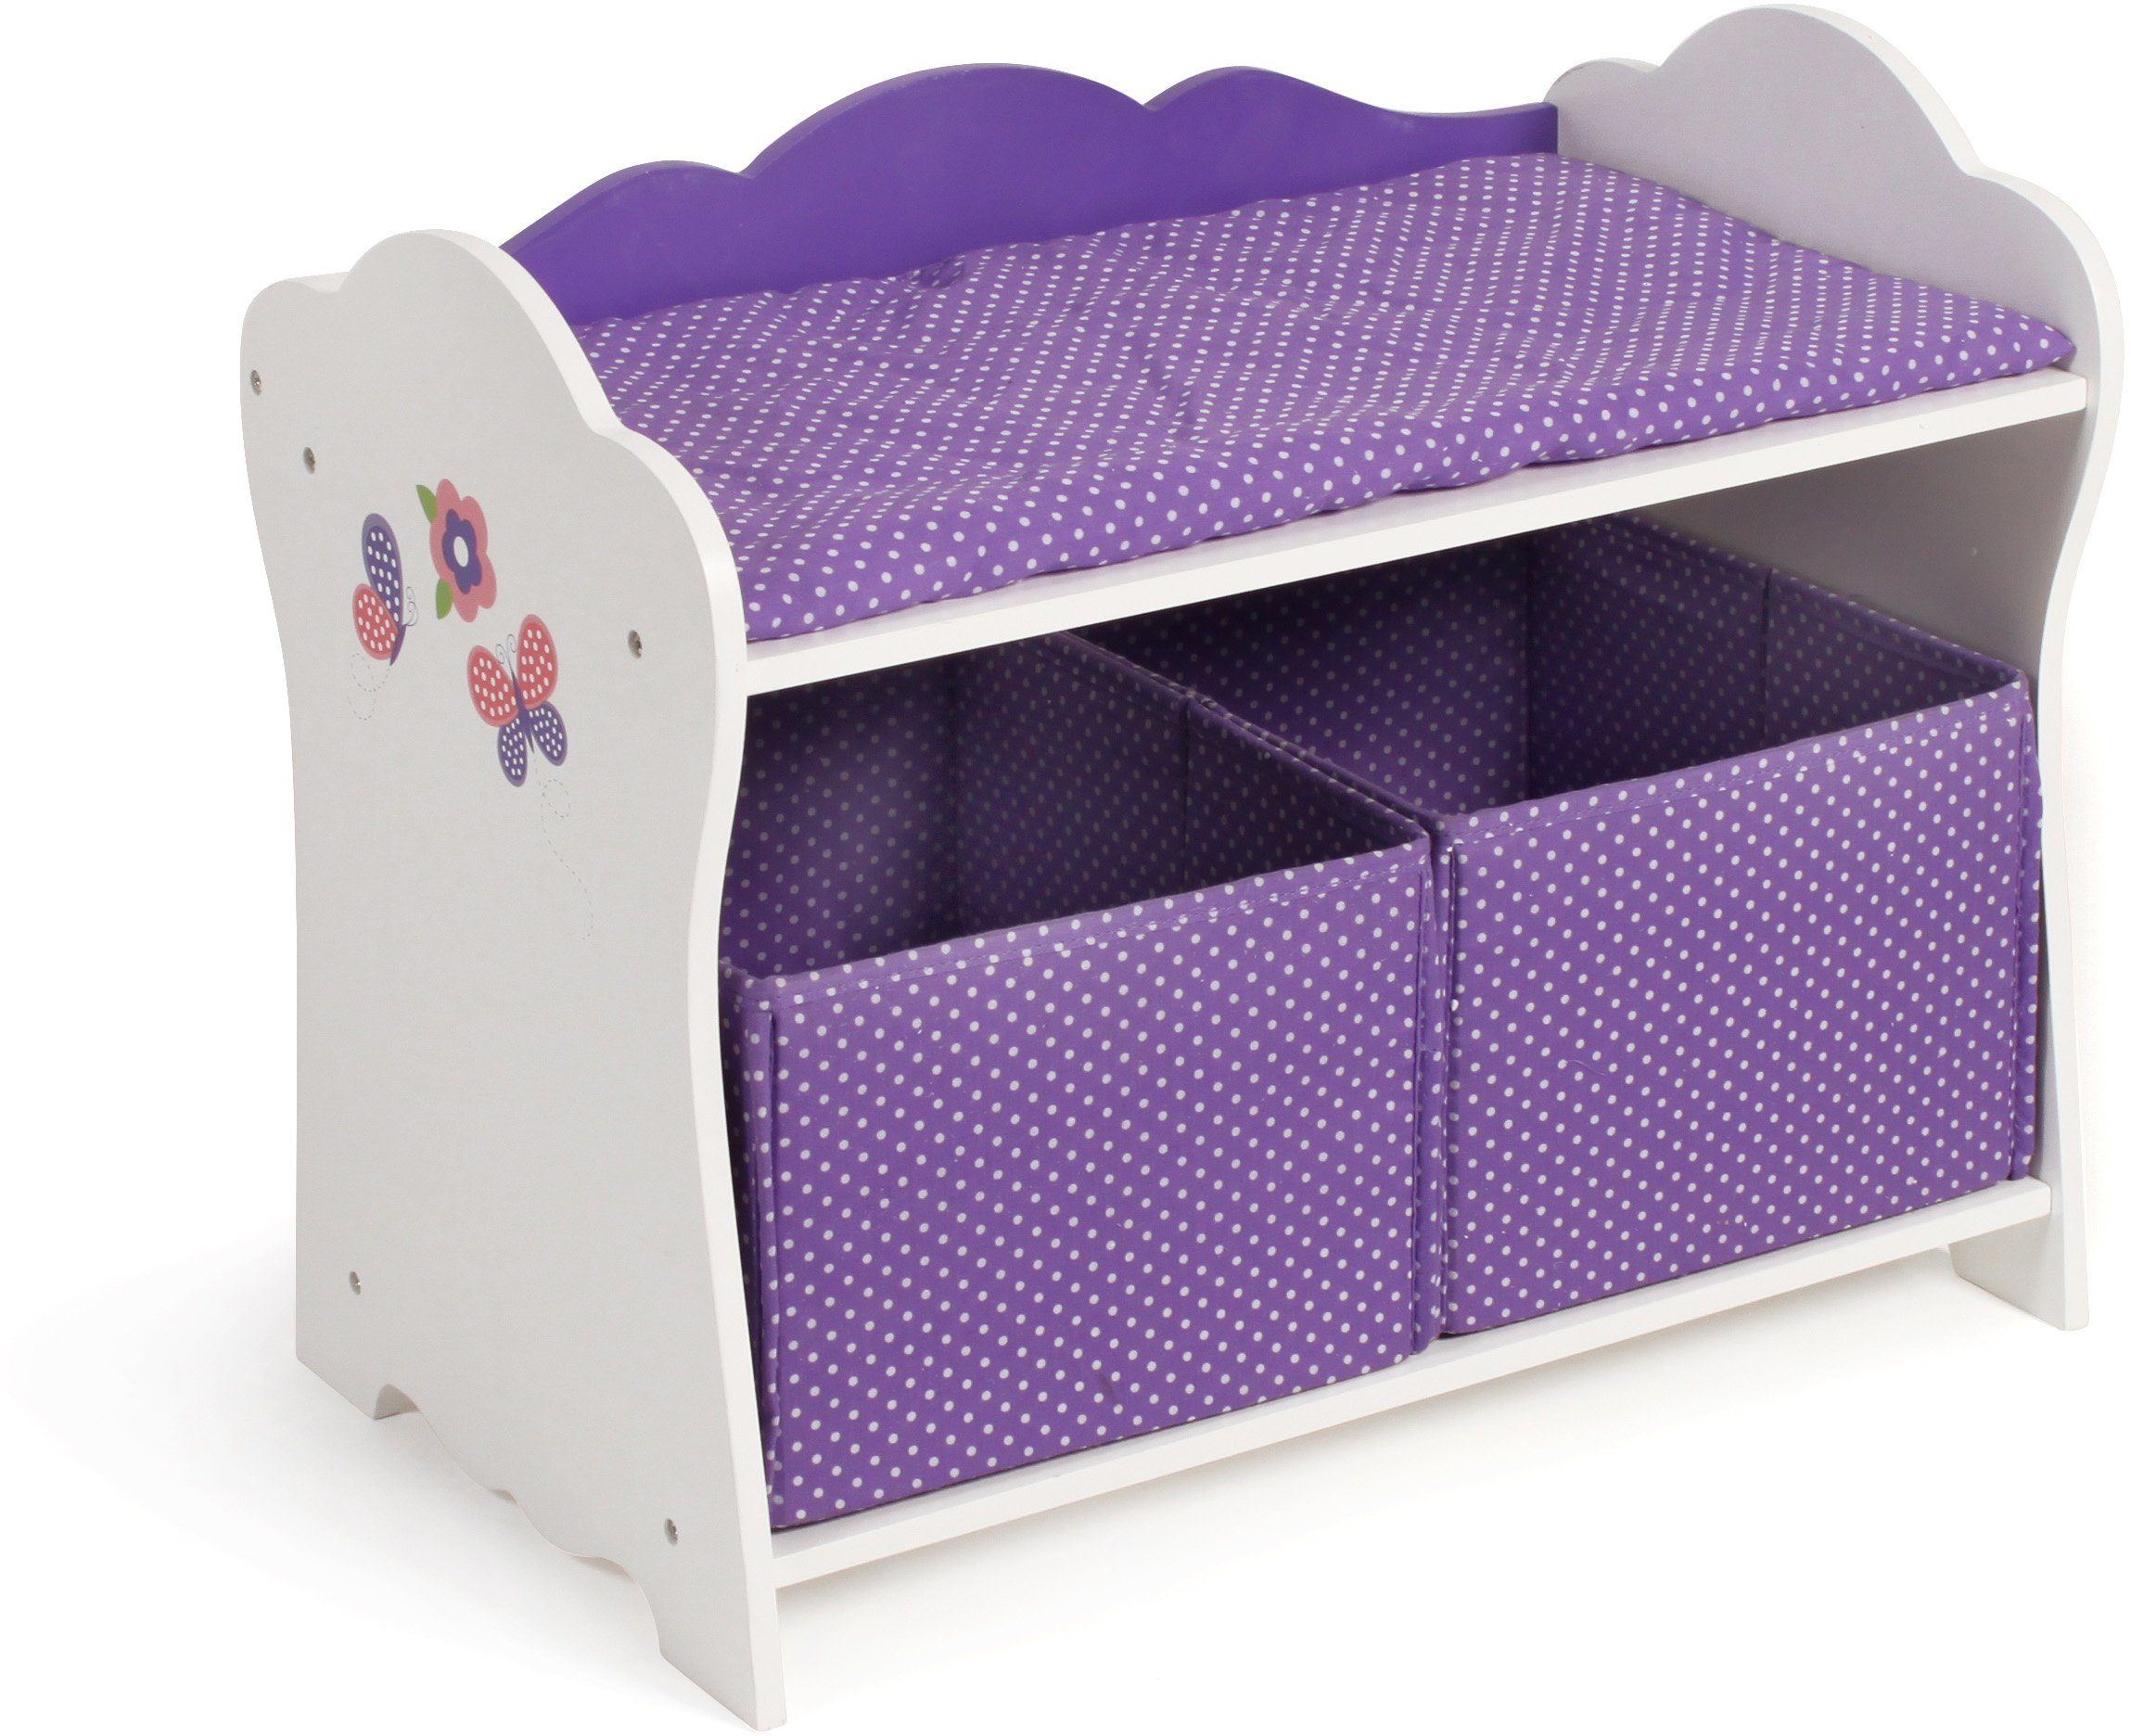 CHIC2000 Puppenwickeltisch, »Papilio purple«